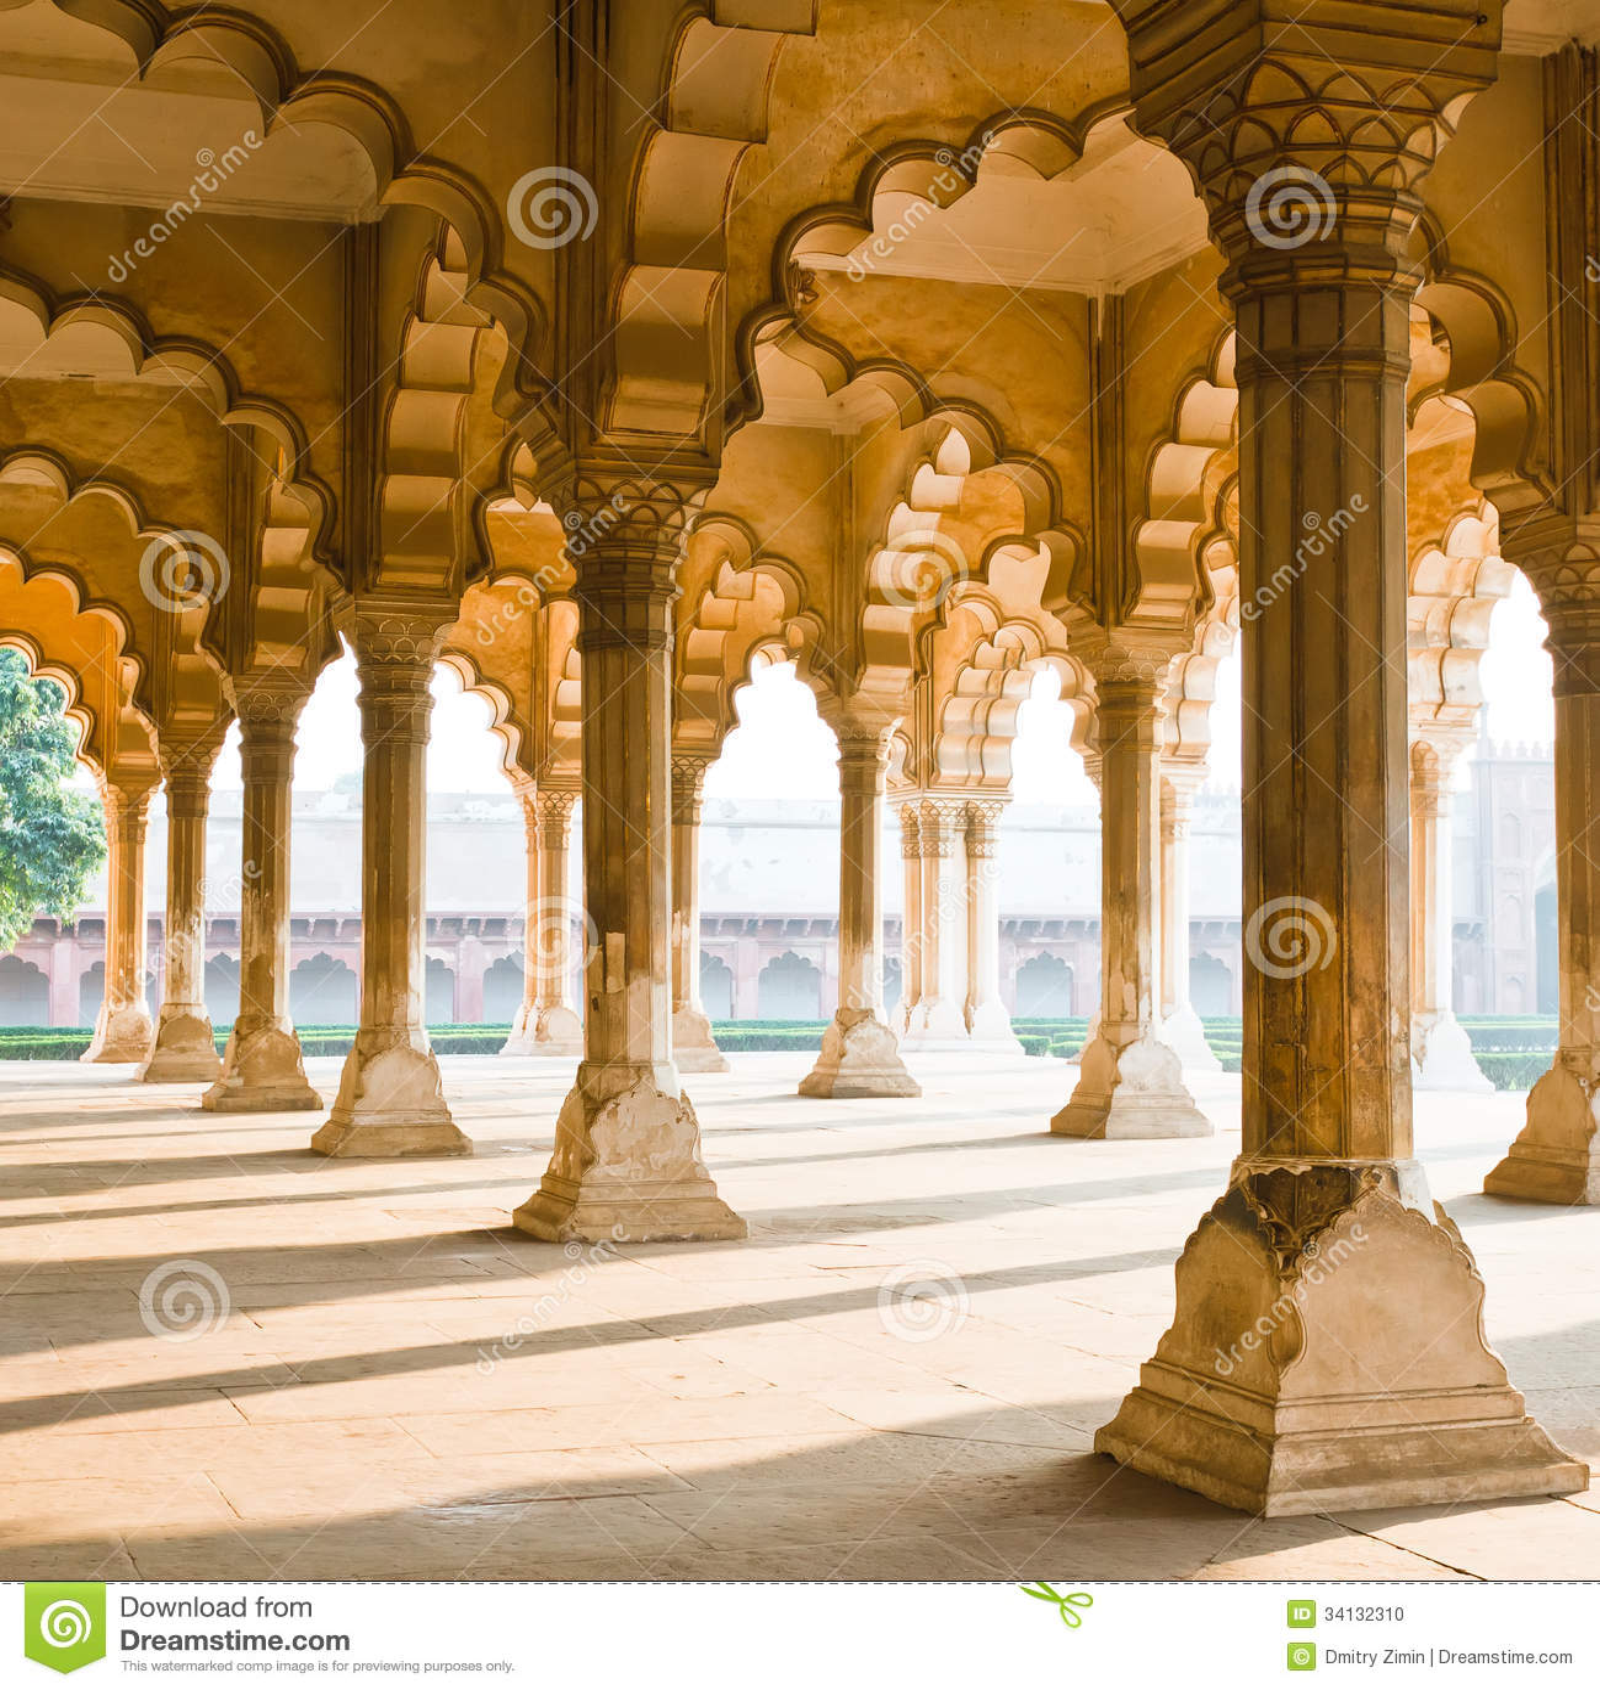 Islamic Architecture Stock Photo Image Of Palace